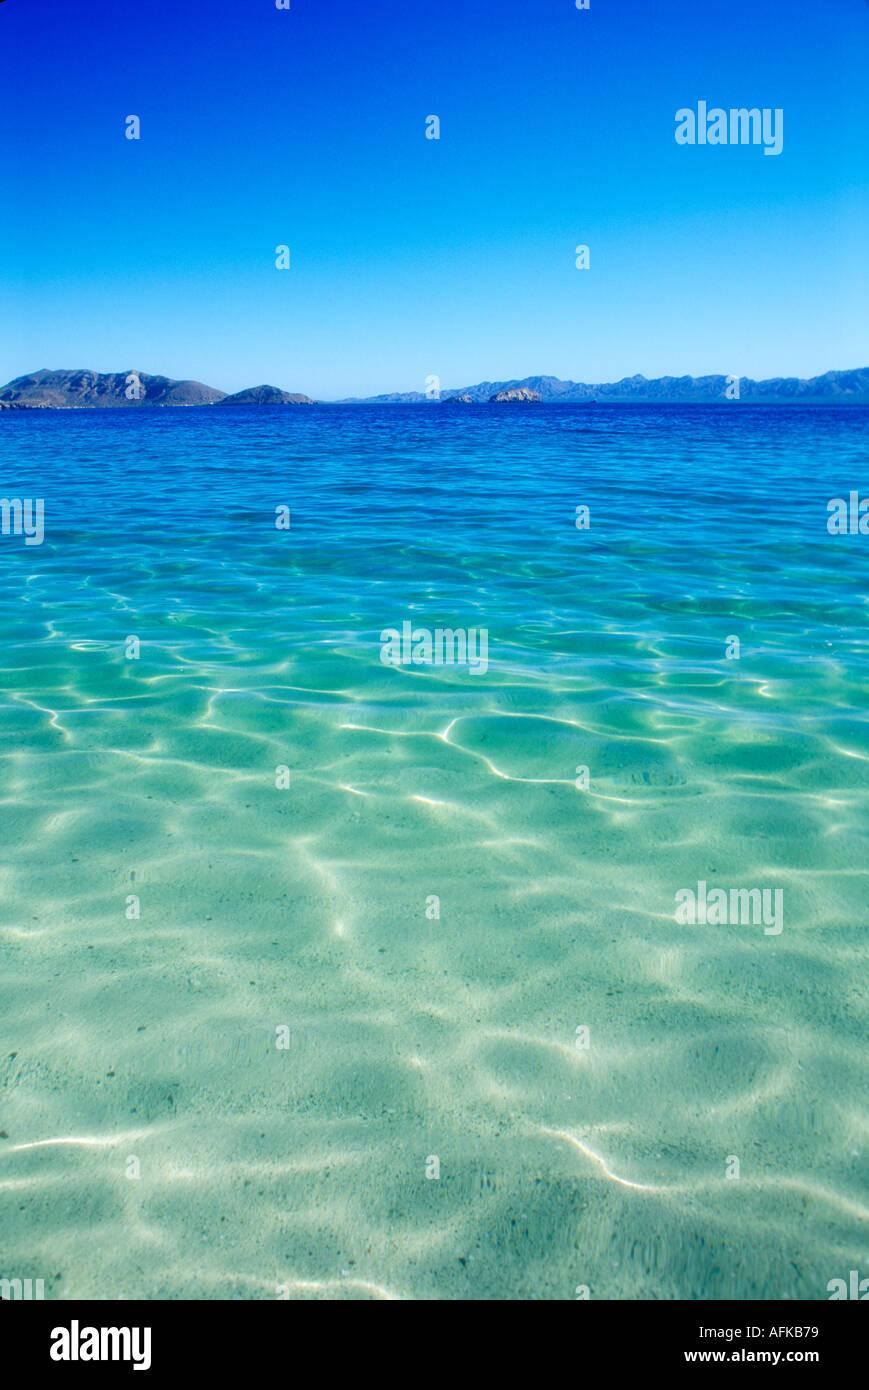 Claro aguas poco profundas cerca de la Bahía de Concepción, en el Mar de Cortez, en Baja California, México. Foto de stock